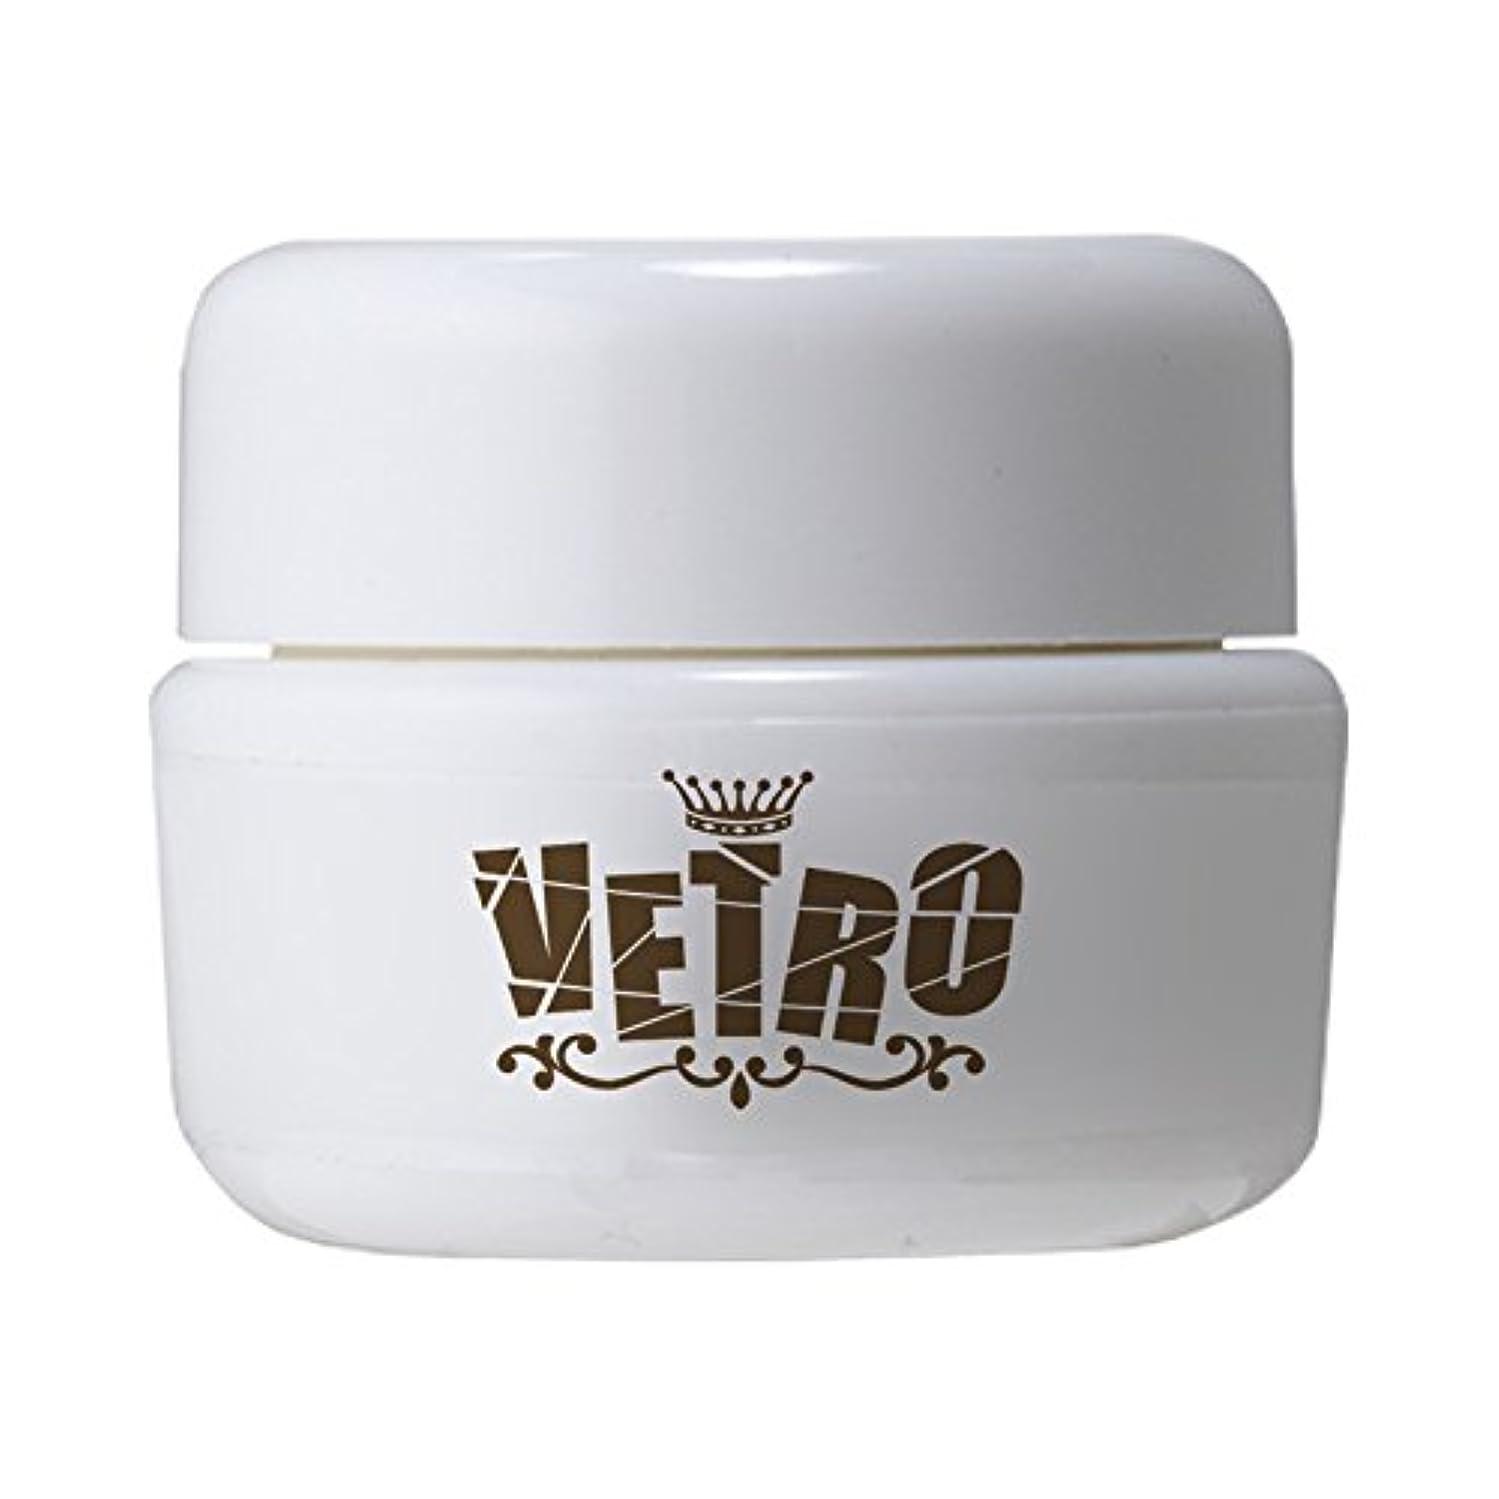 VETRO No.19 カラージェル シアー VL212 ミルキーホワイト 4ml